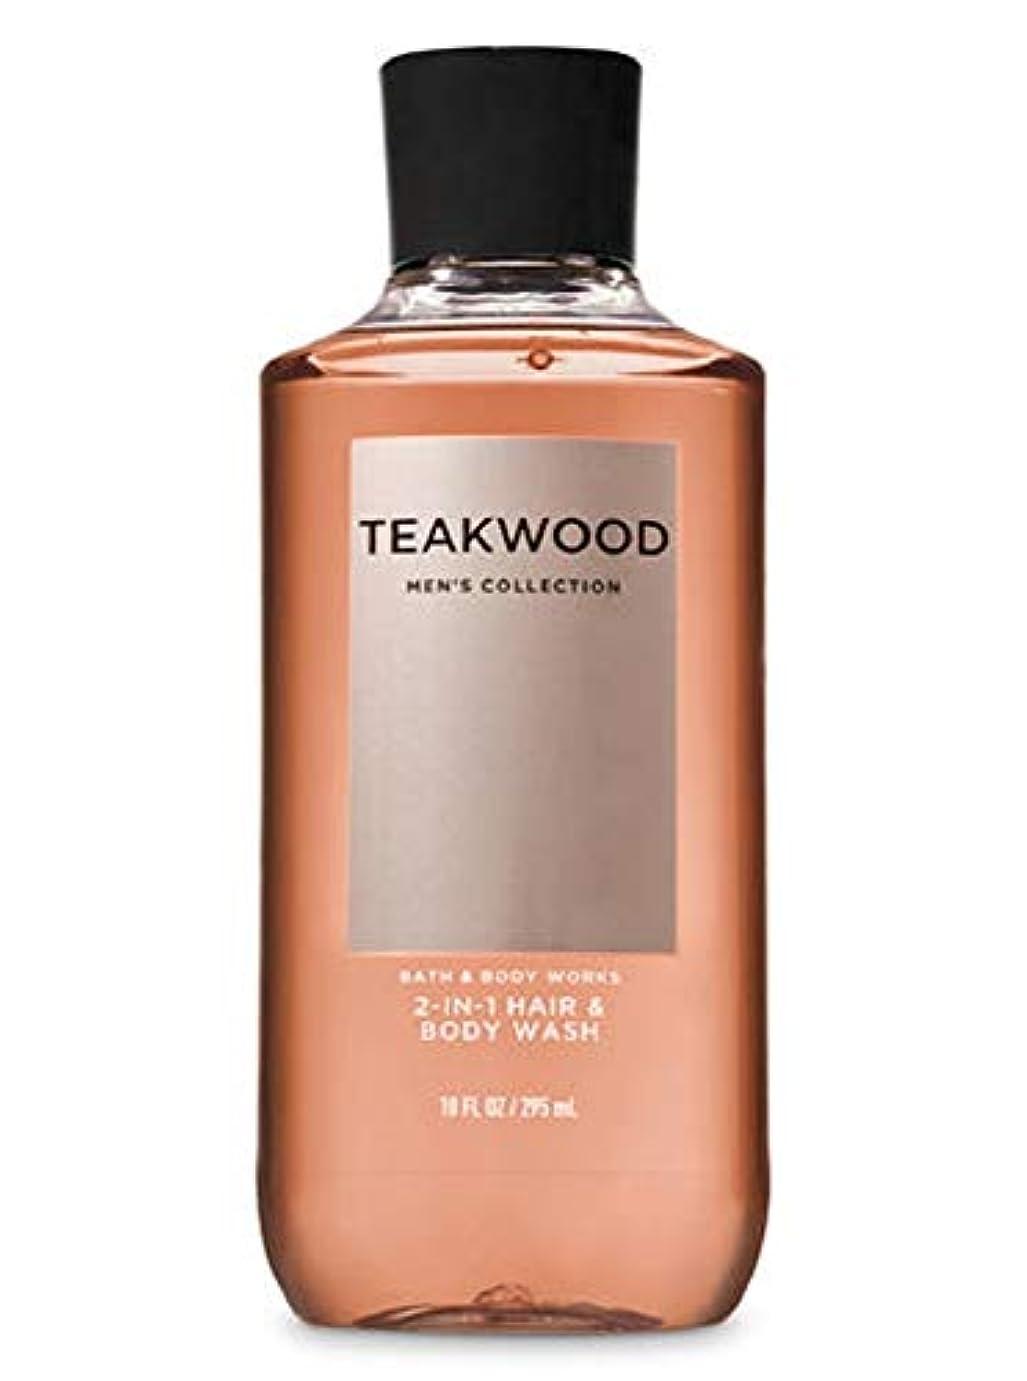 ブランク貴重な社員【並行輸入品】Bath & Body Works TEAKWOOD 2-in-1 Hair + Body Wash